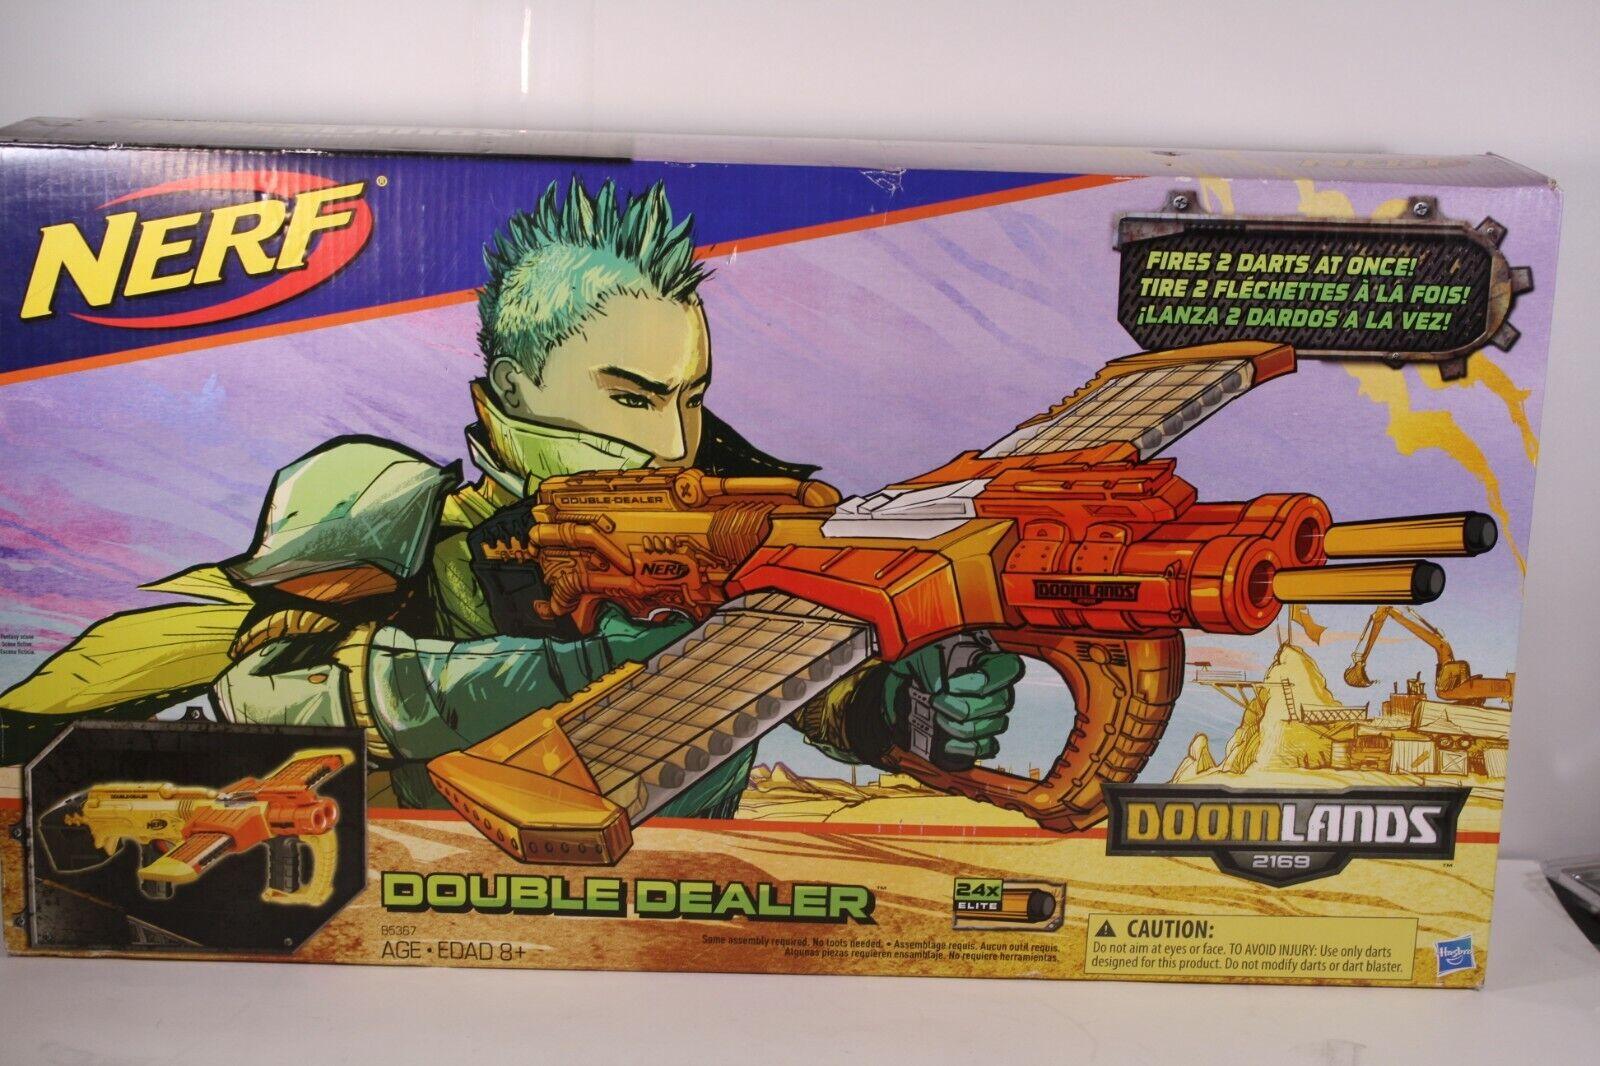 Nerf Doomlands 2169 Double Dealer Blaster, NEW IN OPEN BOX